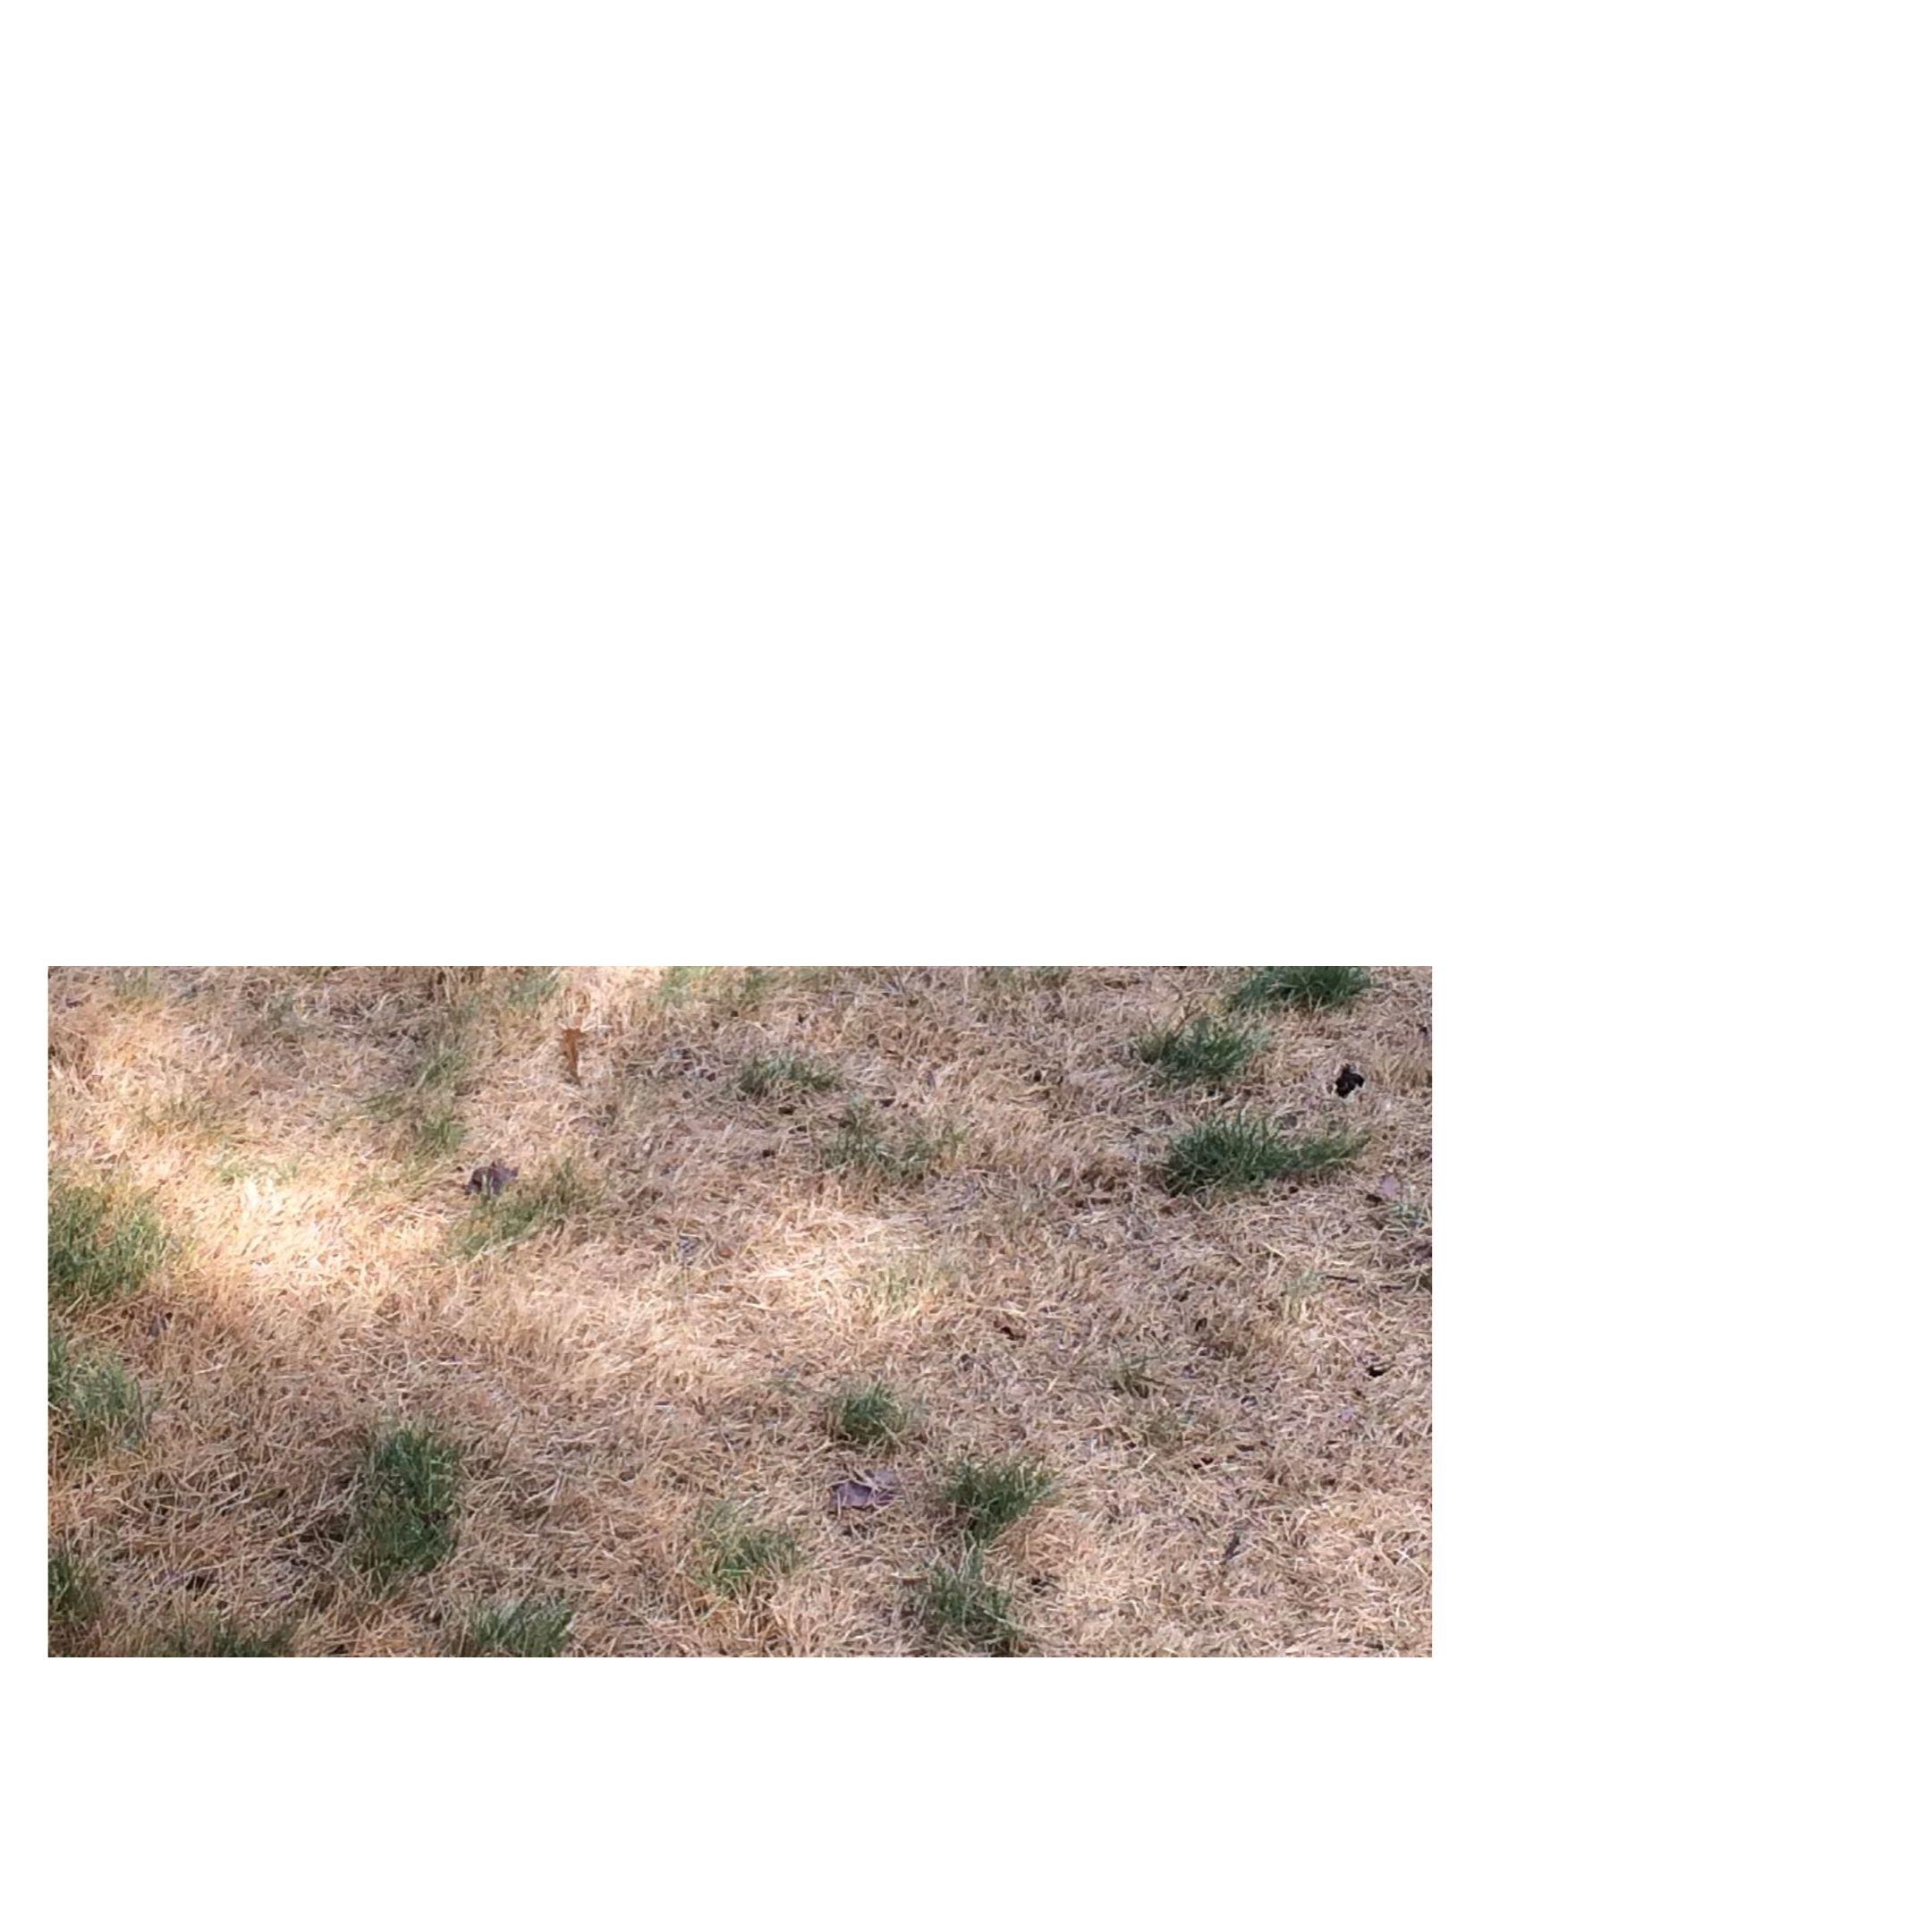 rather dead grass